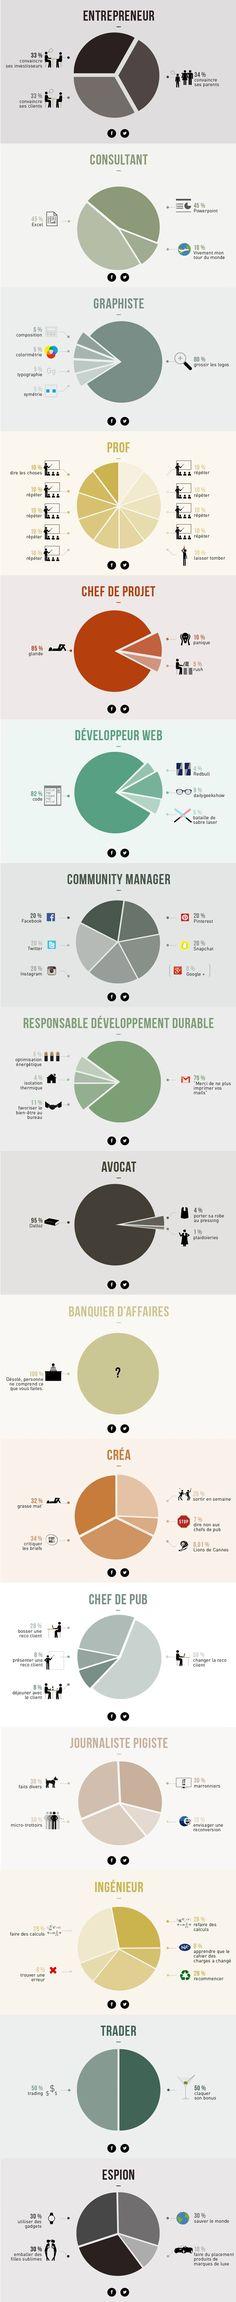 Infographie : 16 métiers décryptés avec humour